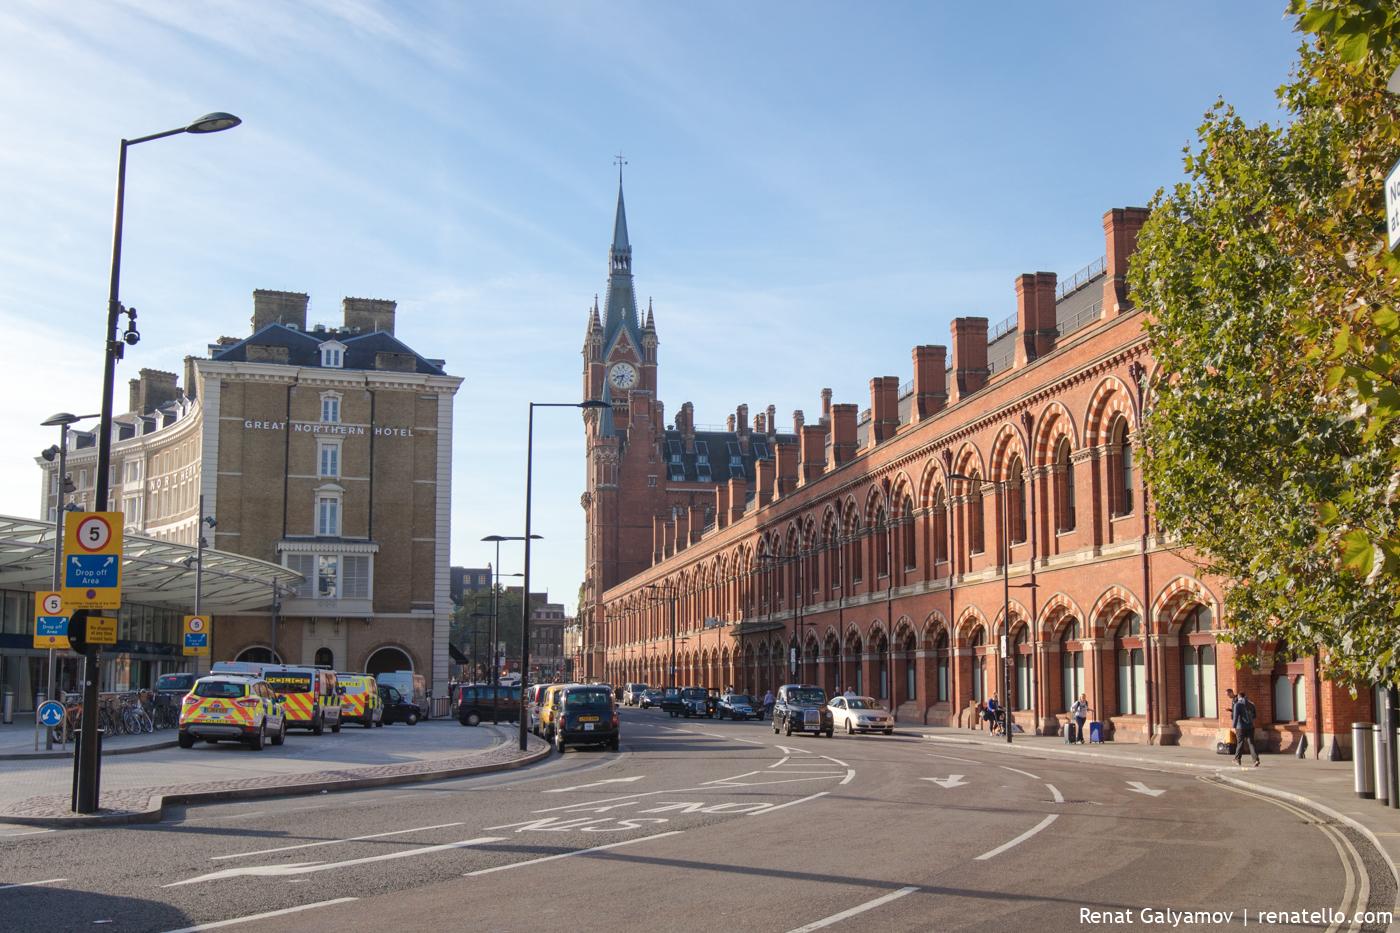 London St Pancras Station